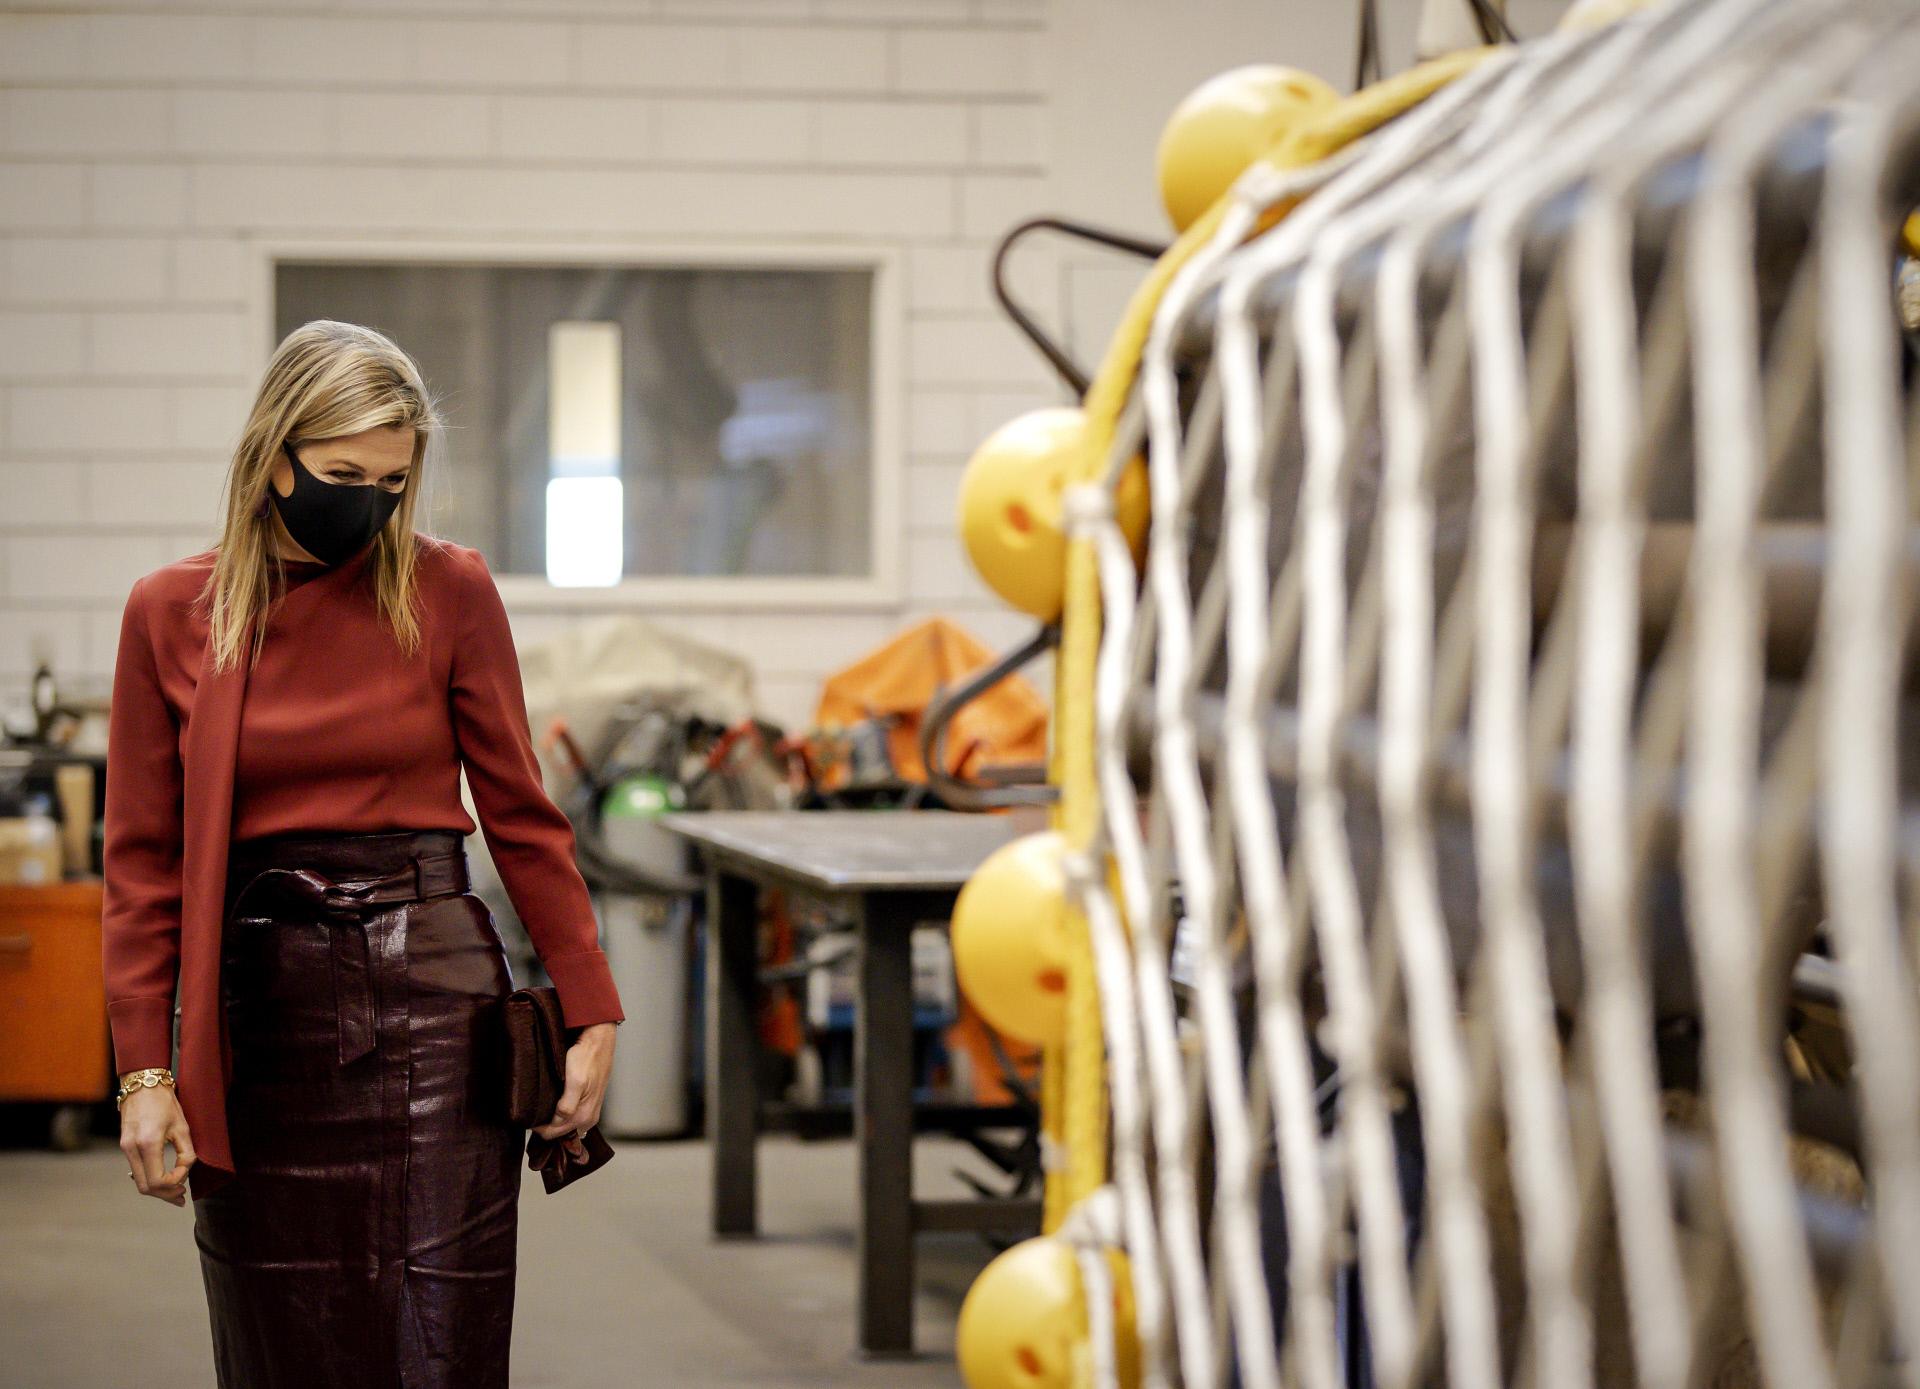 Máxima de Holanda visita una fábrica.